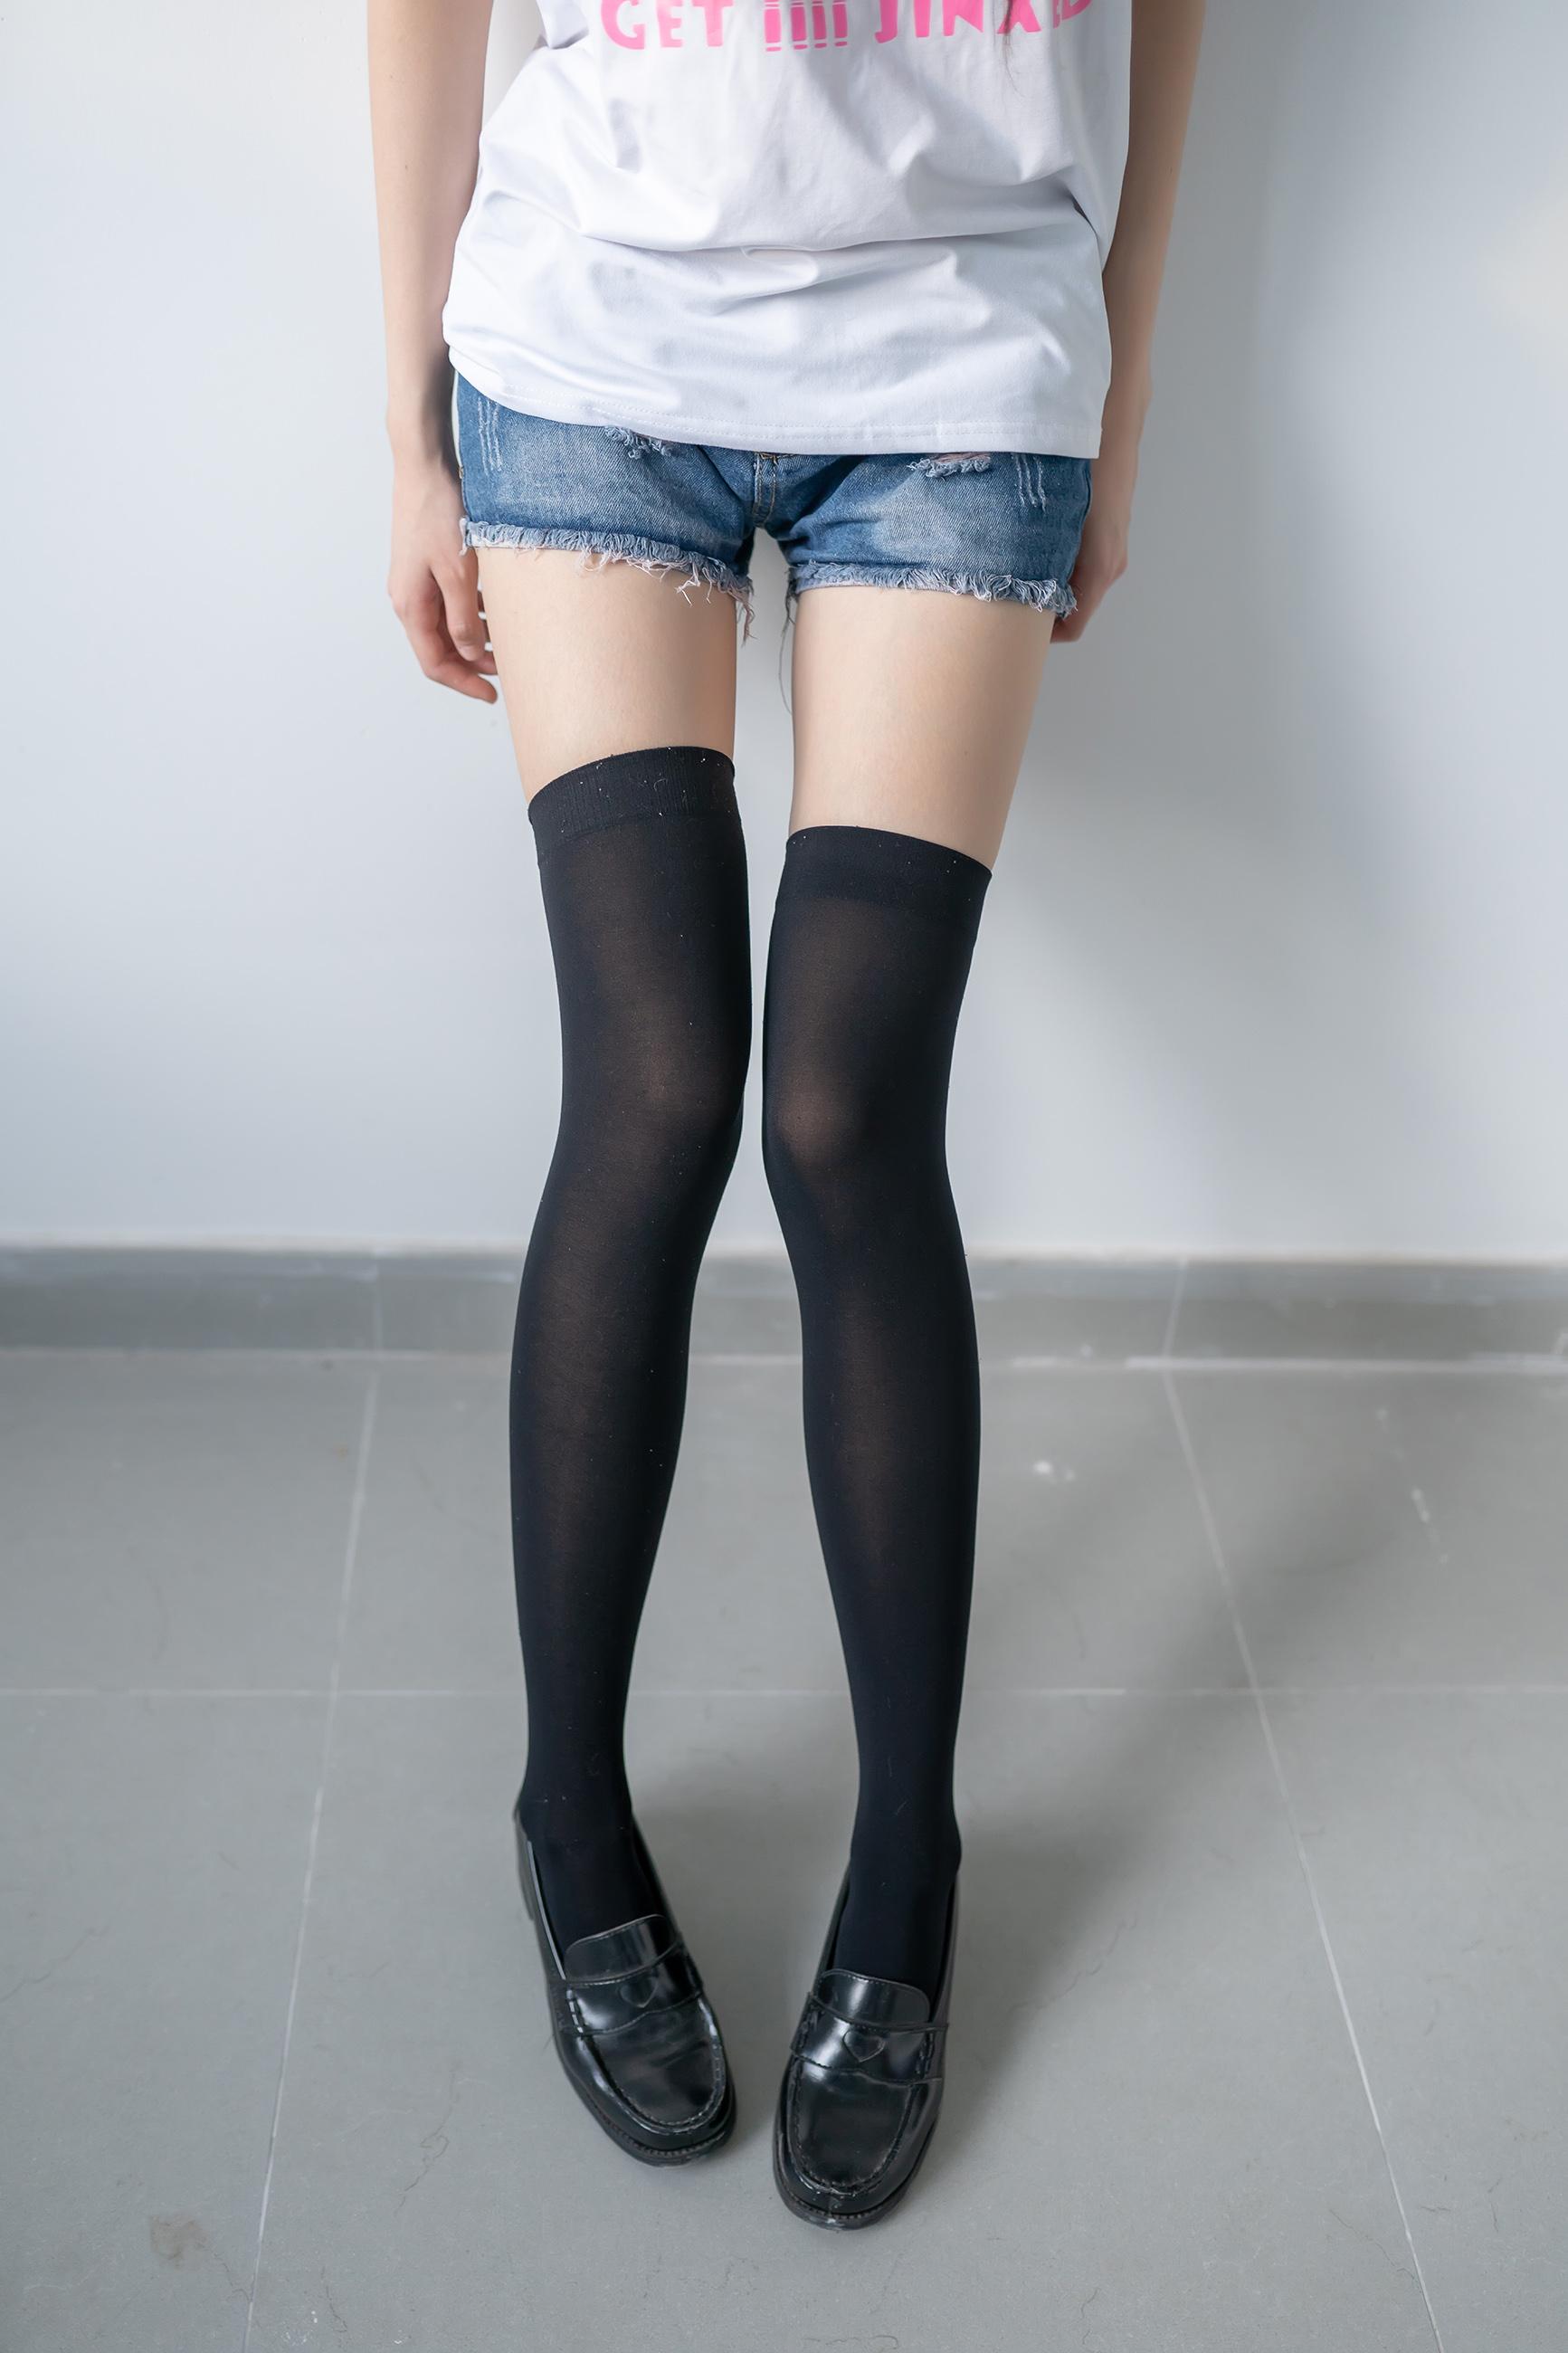 黑色半筒袜 (1)